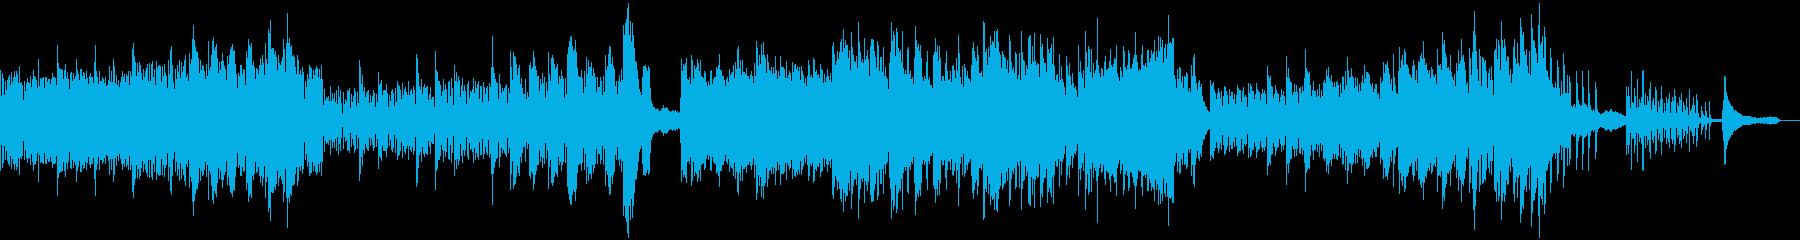 道標の再生済みの波形